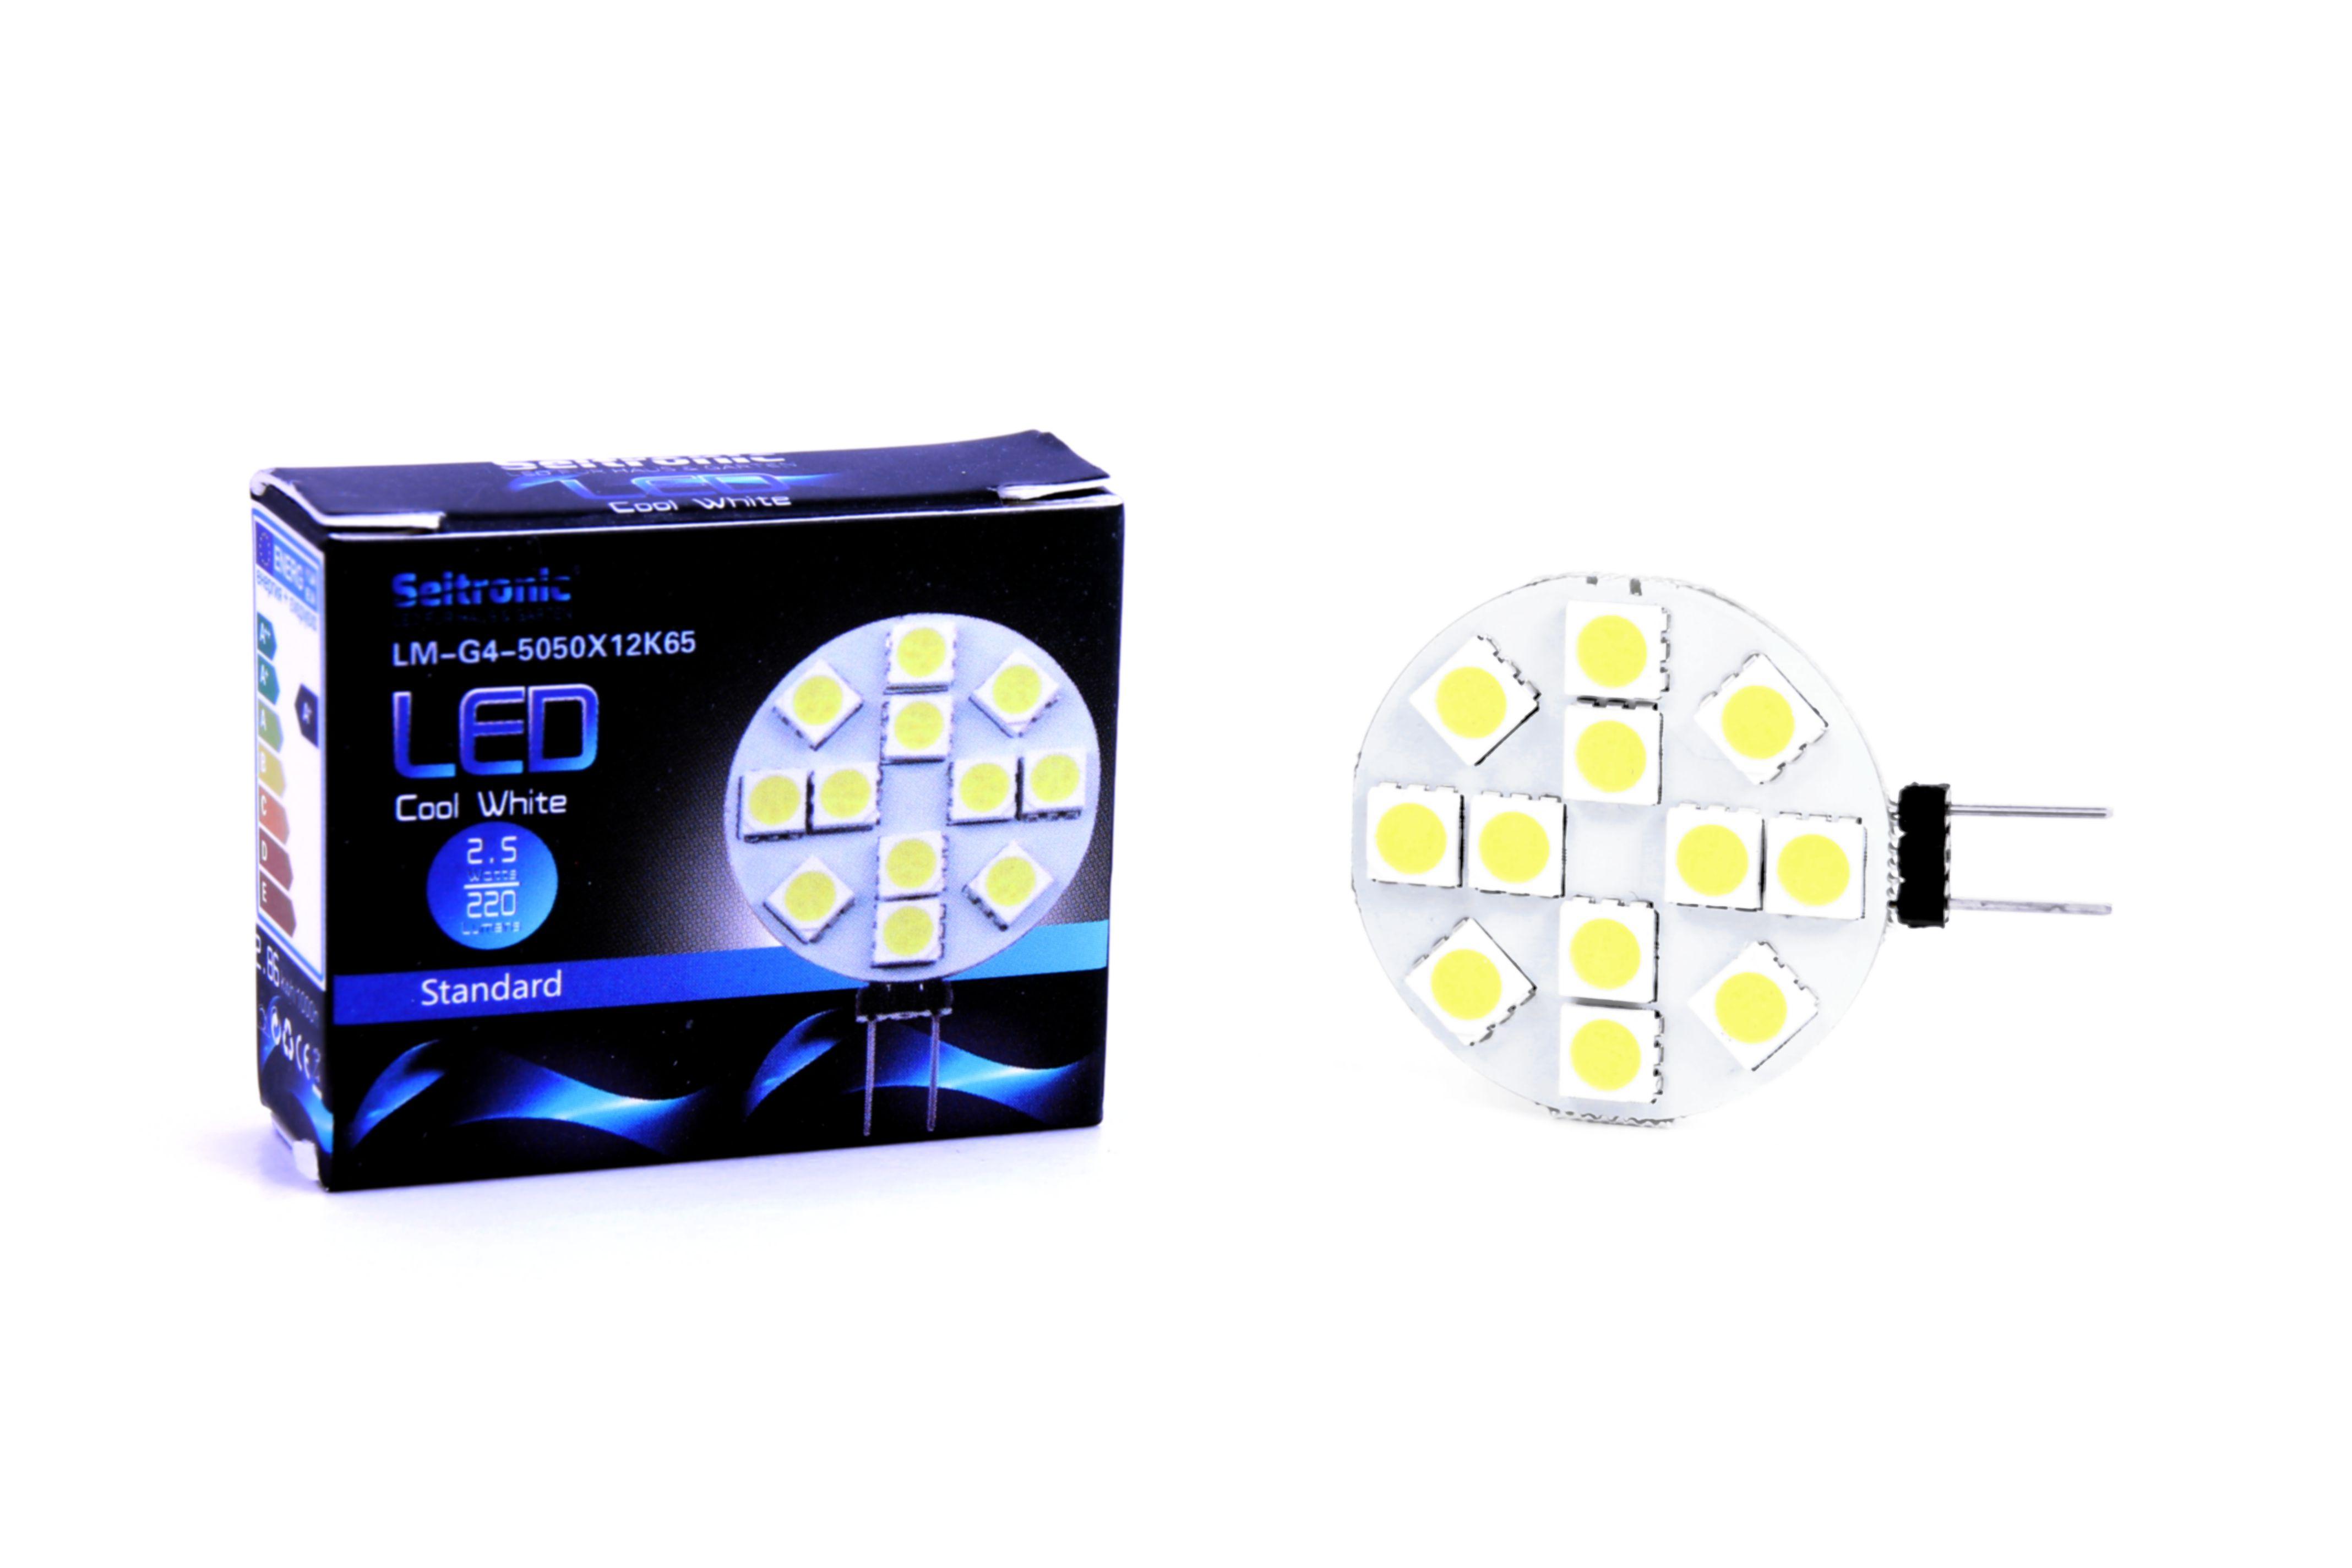 g4_led_leuchtmittel_seitronic_-_25_watt_220lm_6500k_12_leds_kalt-weiss Stilvolle Led Leuchtmittel G4 Dekorationen